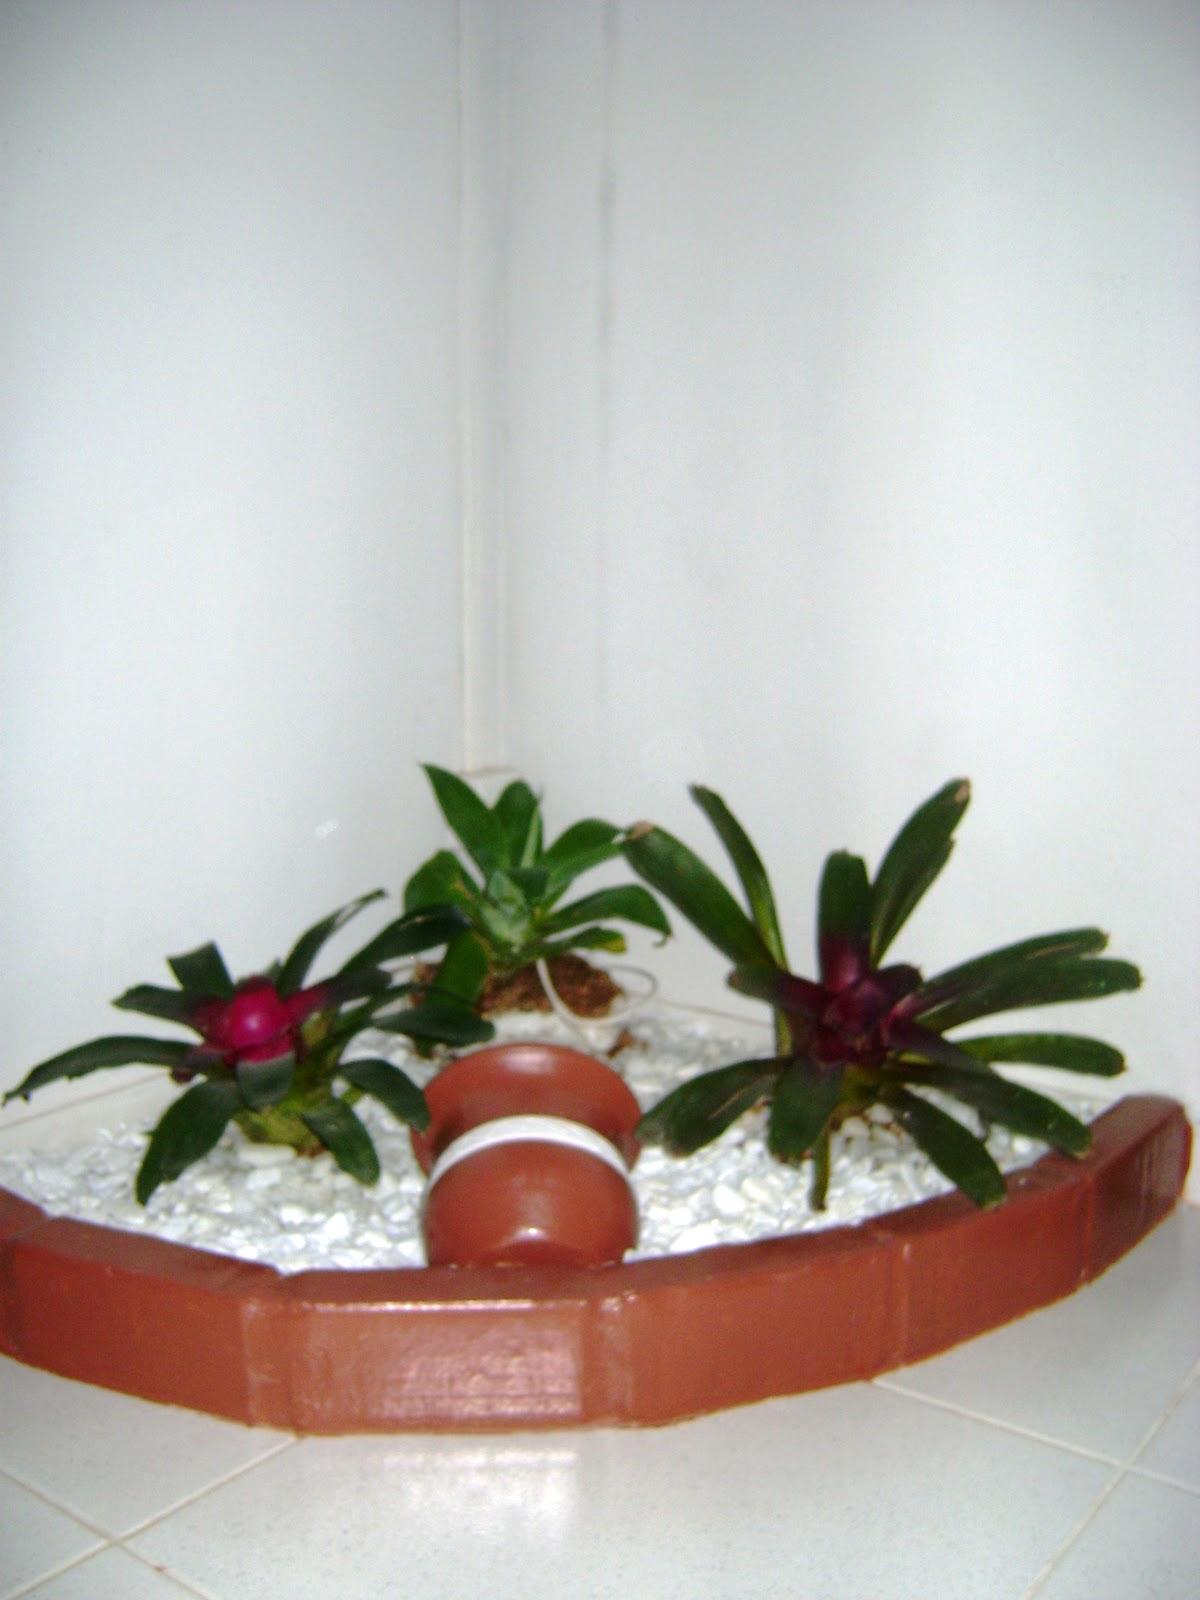 #873B2B sexta feira 16 de março de 2012 1200x1600 px jardim de inverno no banheiro como fazer